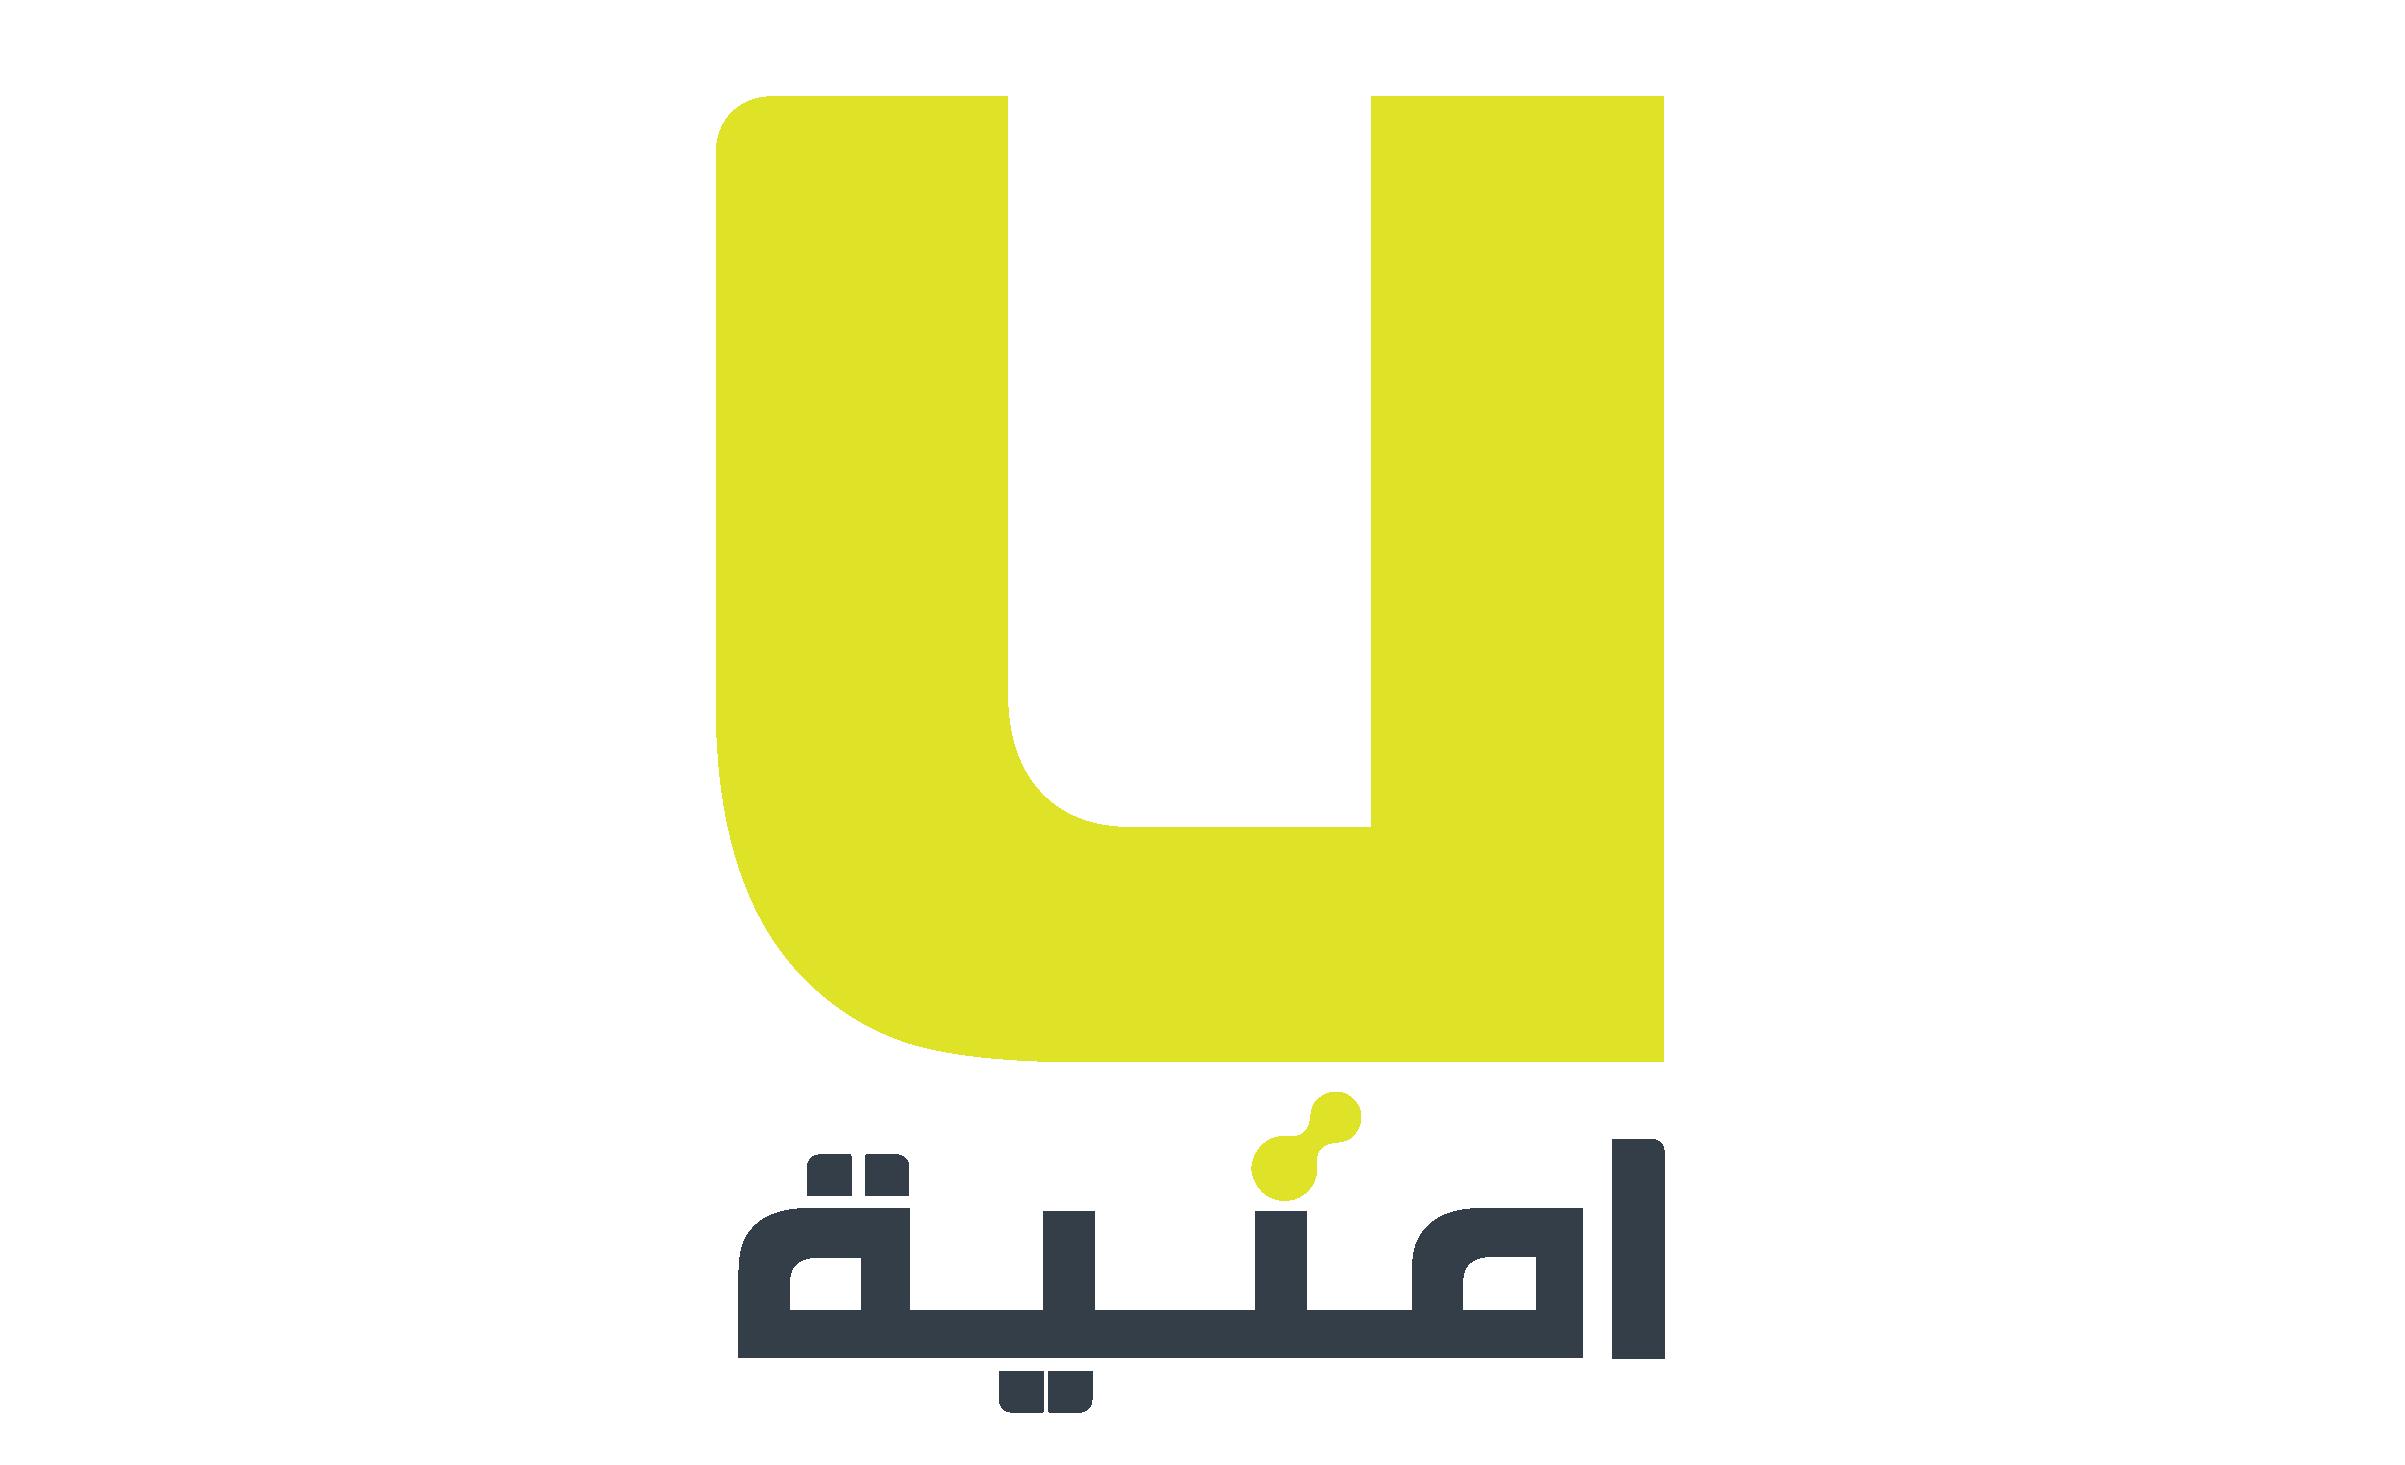 """أكاديمية أمنية للأمن السيبراني تستأنف أنشطتها وتعقد دورات تدريبية حول أمن المعلومات في """"جامعة عمّان الأهلية"""""""